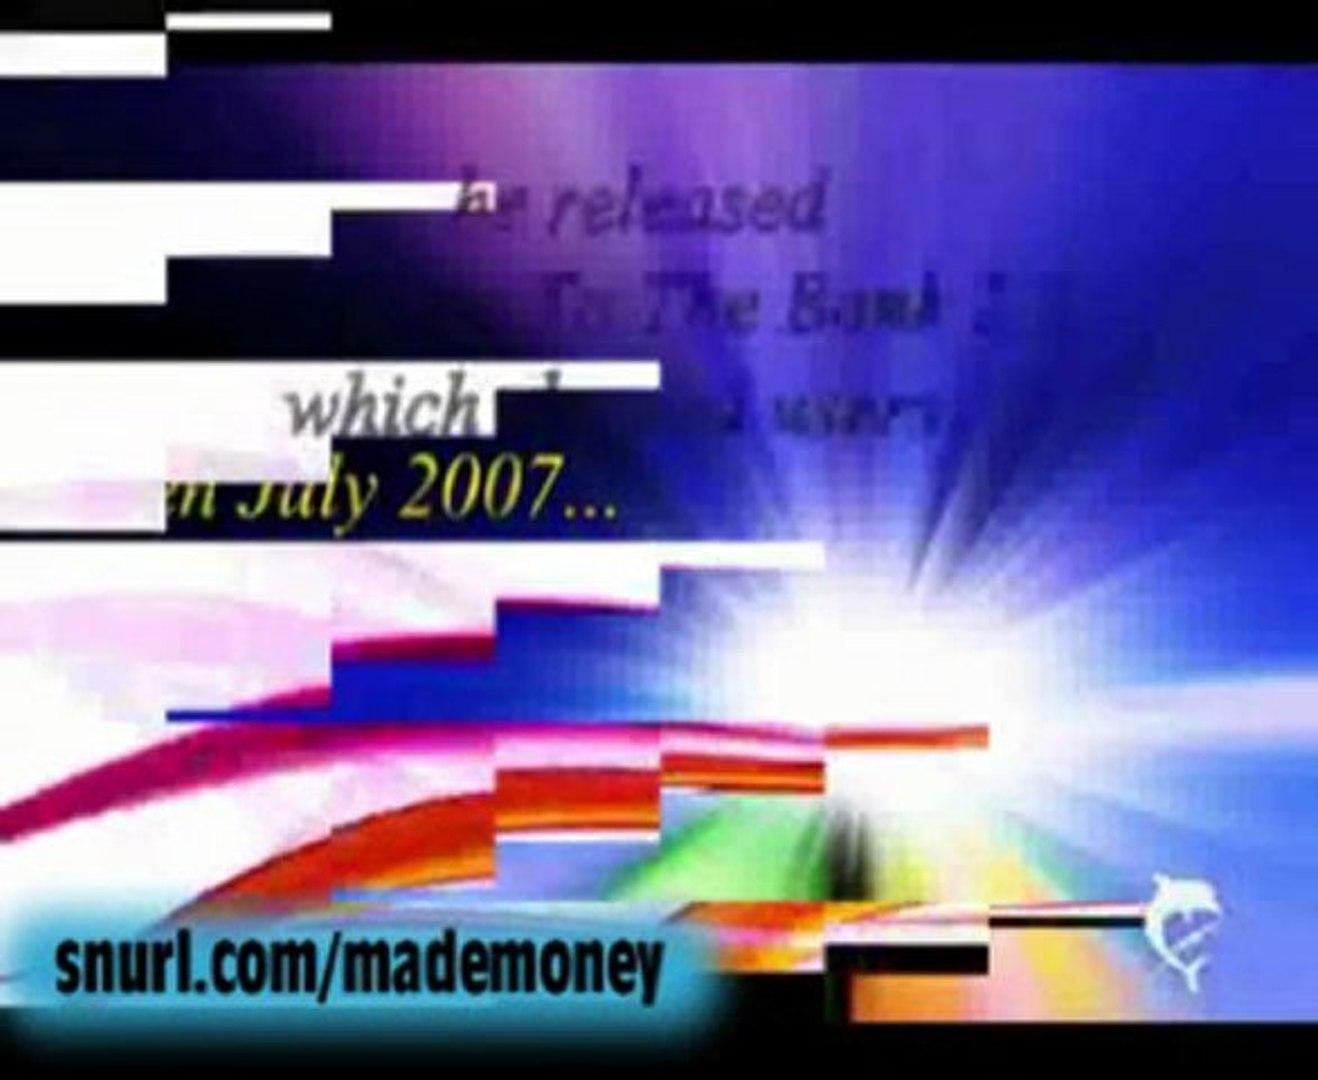 Make Money - Adsense Money|Make Money On Ebay